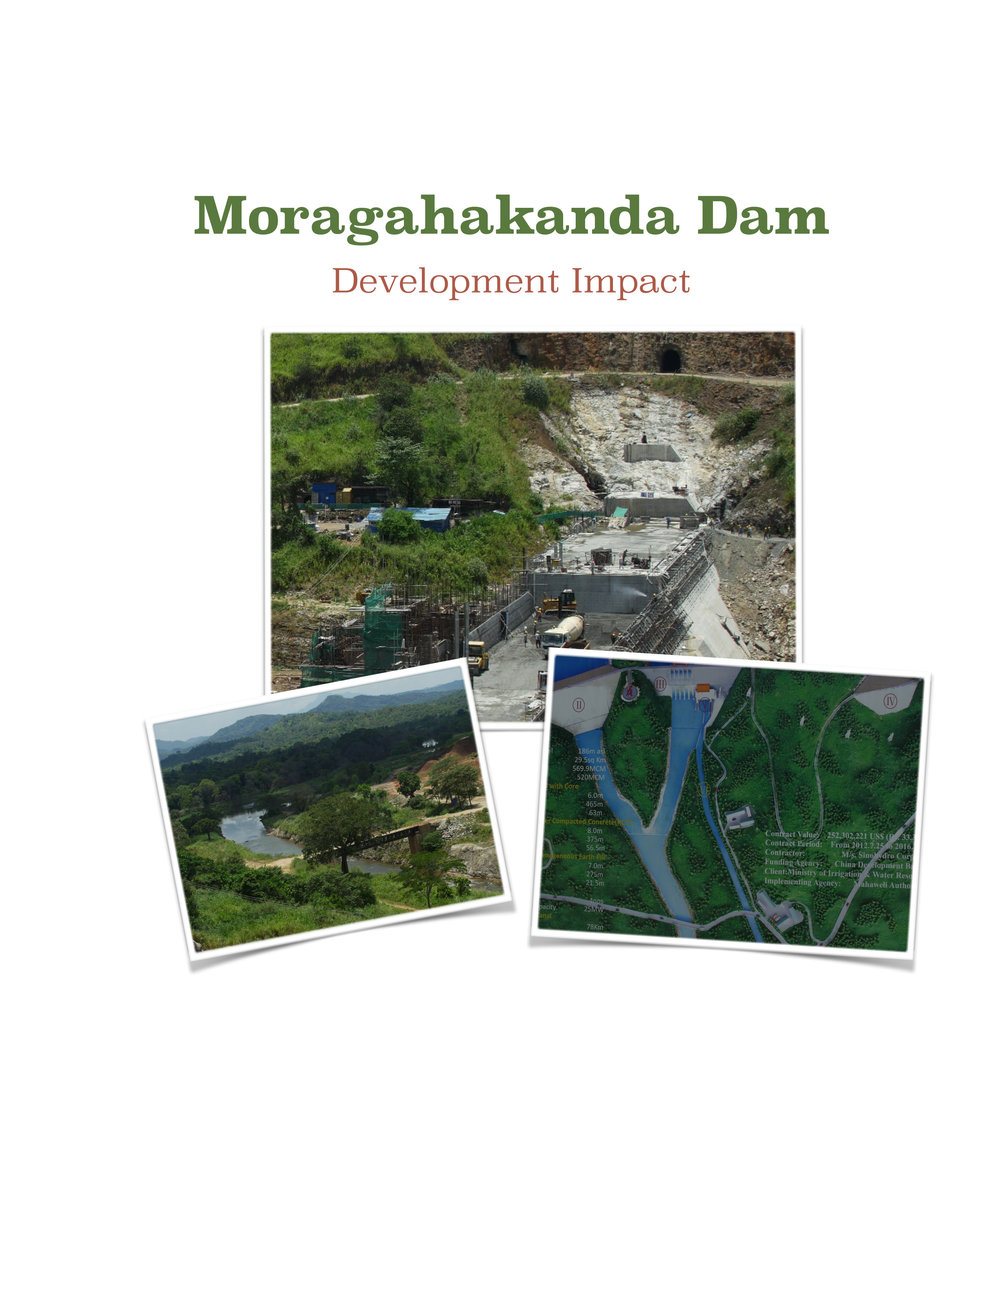 4 Moragahakanda dam copy-1.jpg